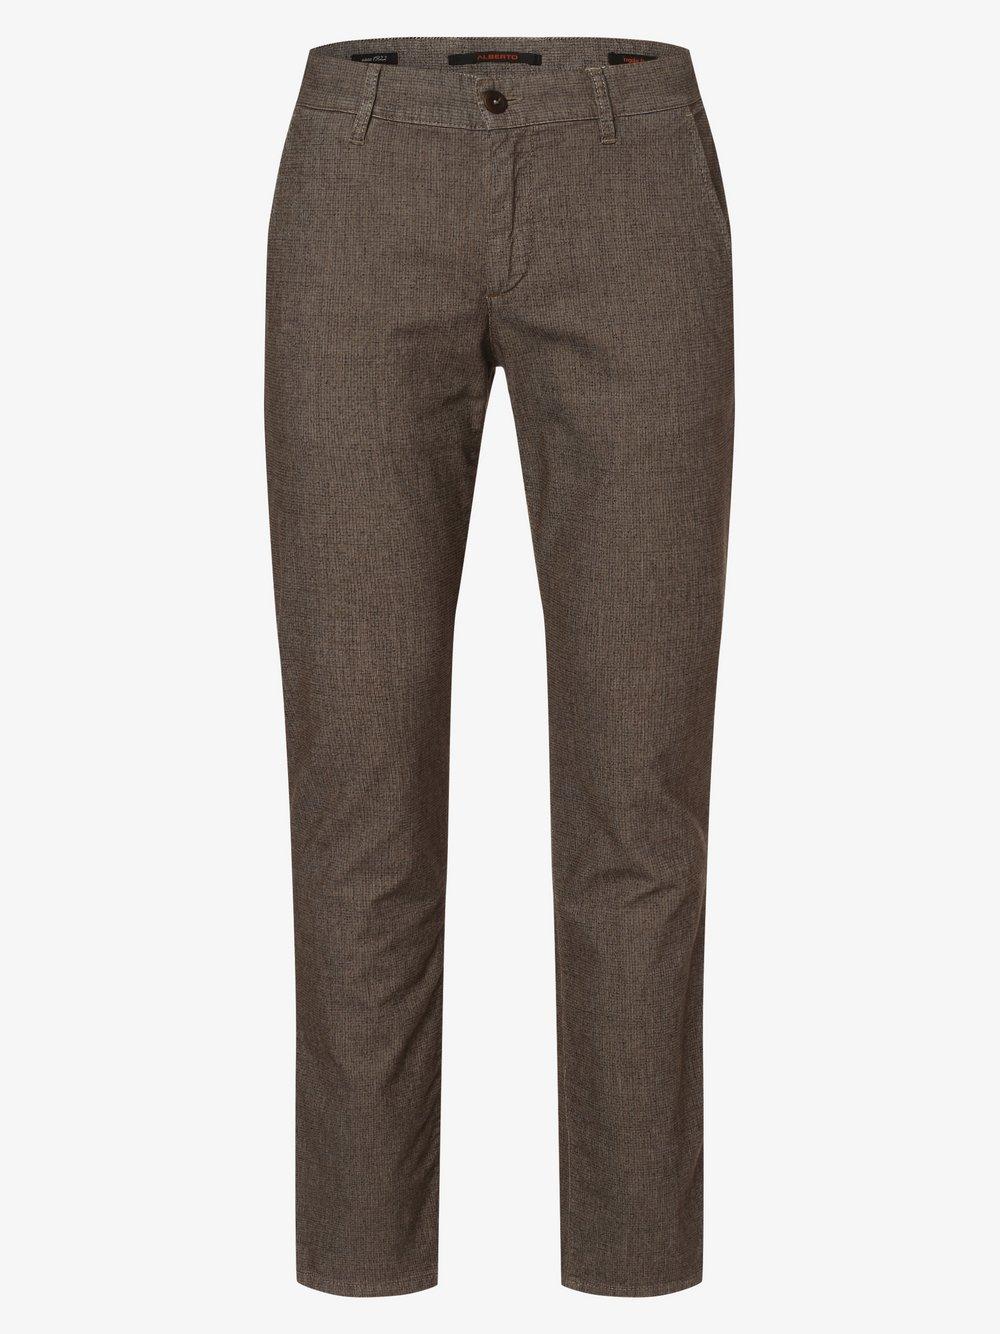 Alberto – Spodnie męskie – Lou-J, beżowy Van Graaf 485062-0001-03632